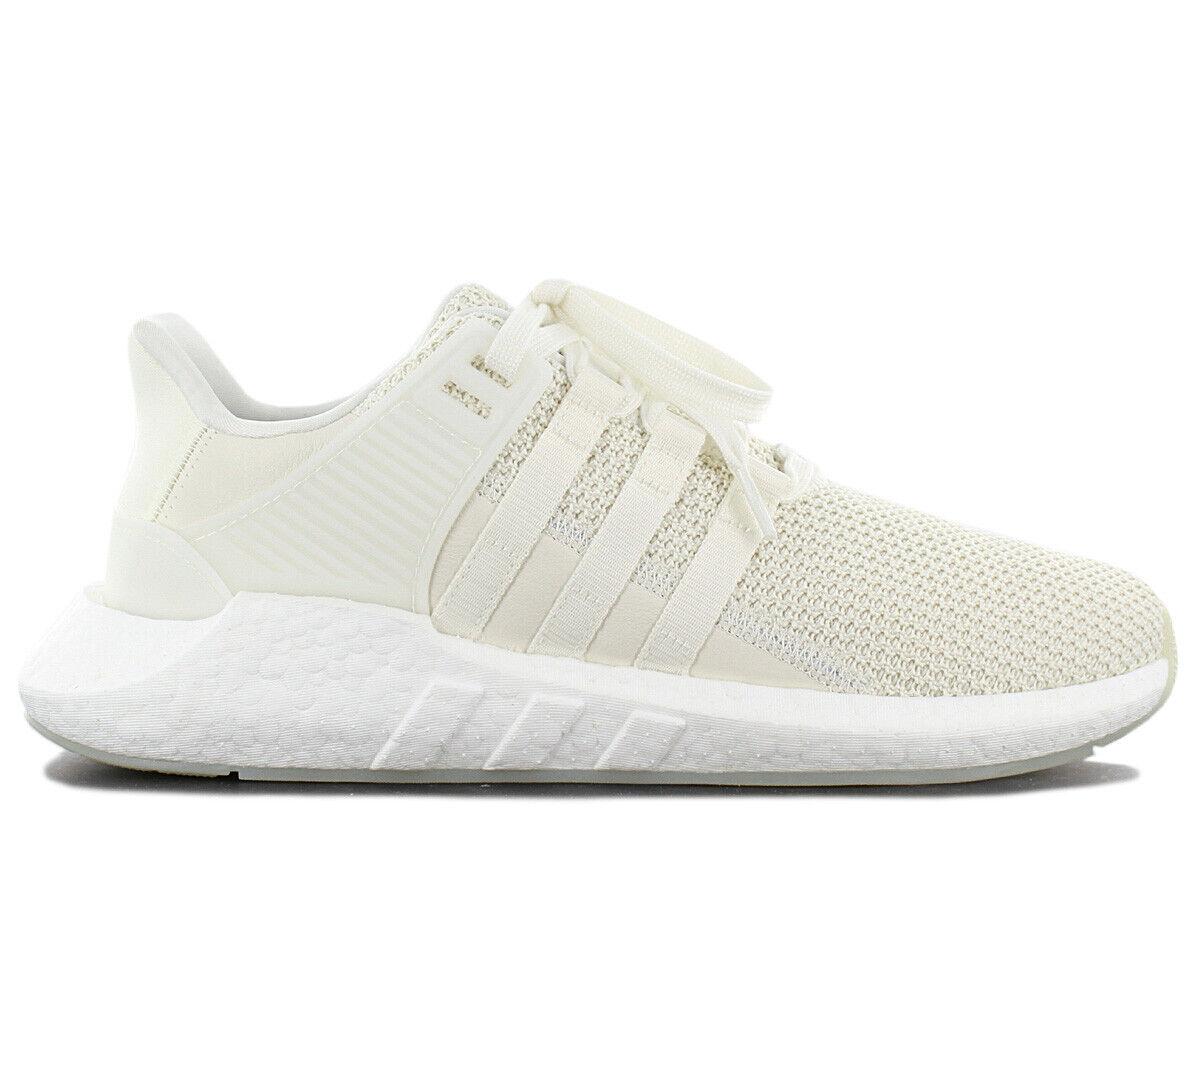 Adidas Originals Equipment Eqt Support 93 17 Bz0586 Hombre Sneaaker